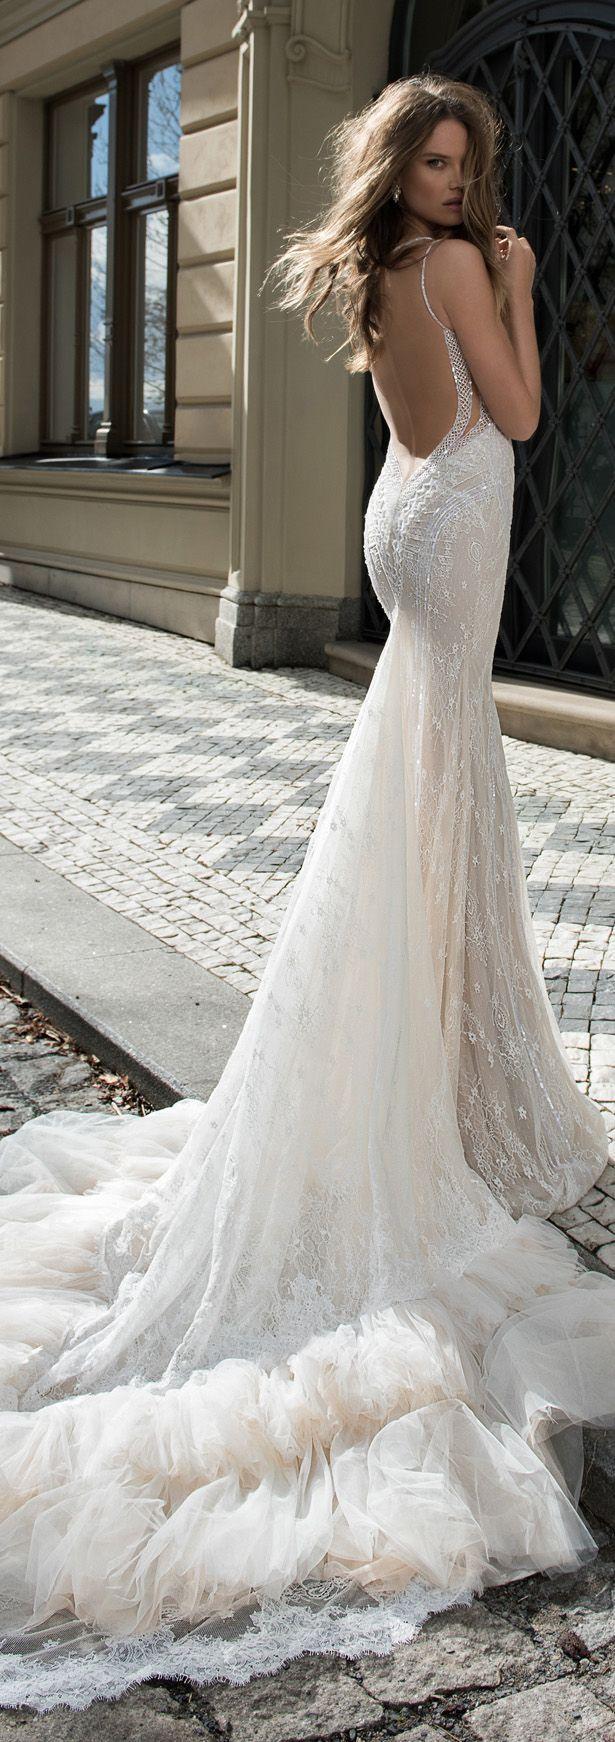 les plus belles robes de mariée 199 et plus encore sur www.robe2mariage.eu